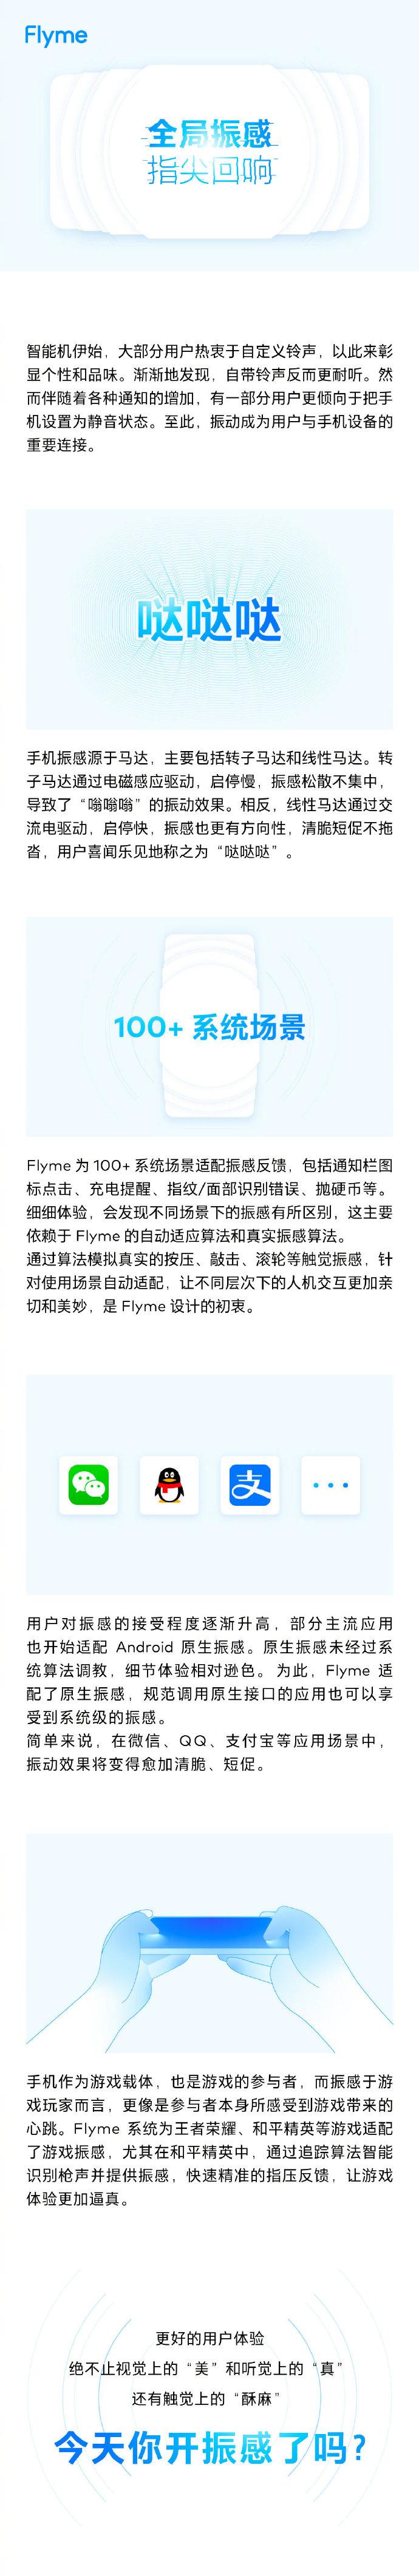 魅族 17/Pro振感将支持微信QQ支付宝等应用场景-第2张图片-IT新视野